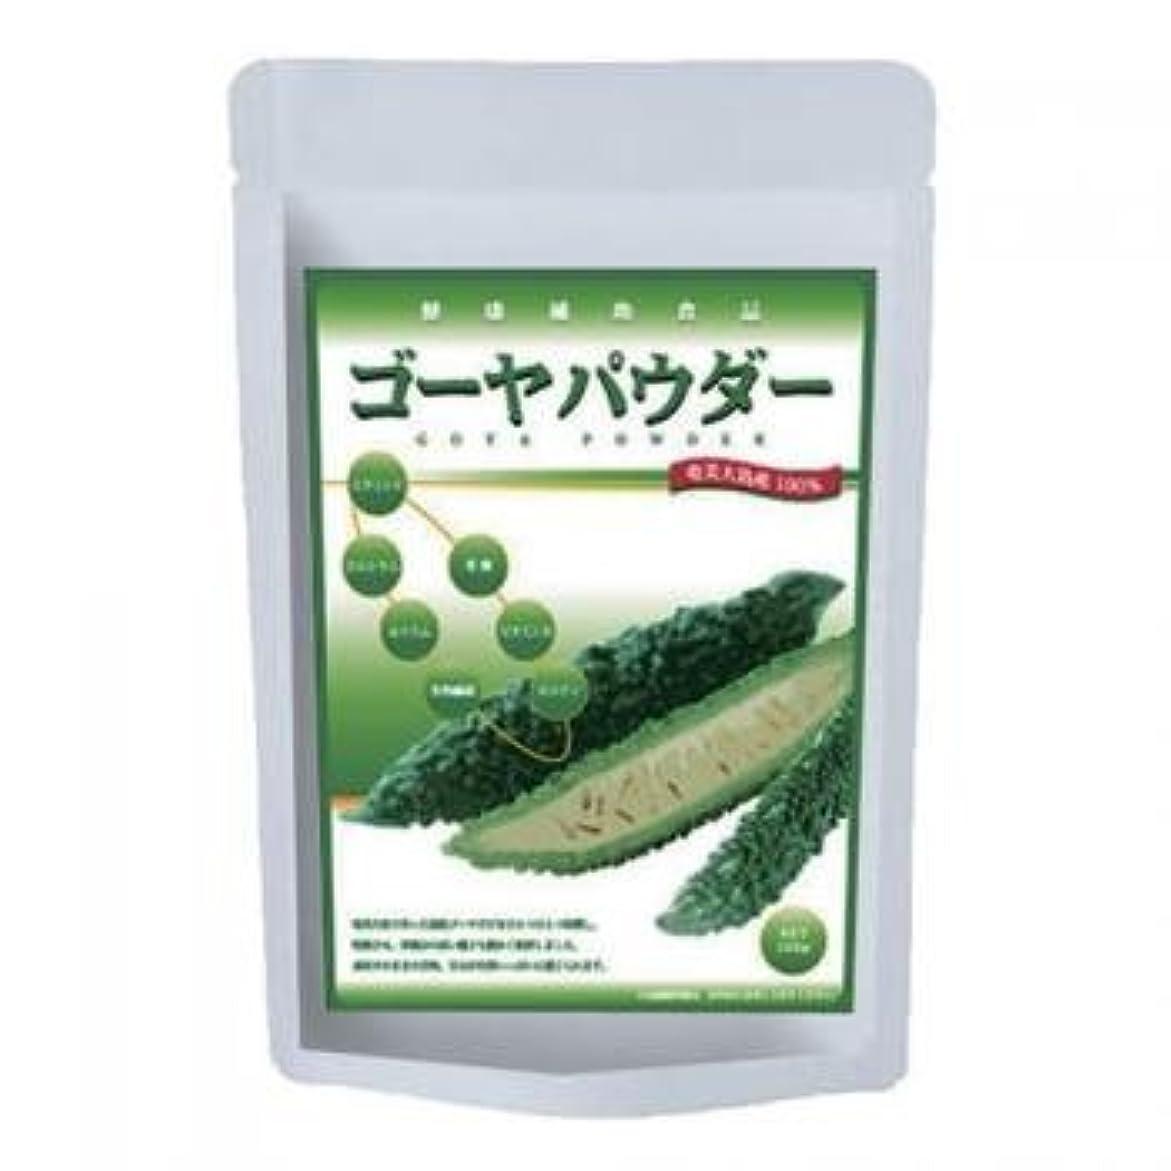 タービン補助空ゴーヤパウダー(粉末)100g種も丸ごと